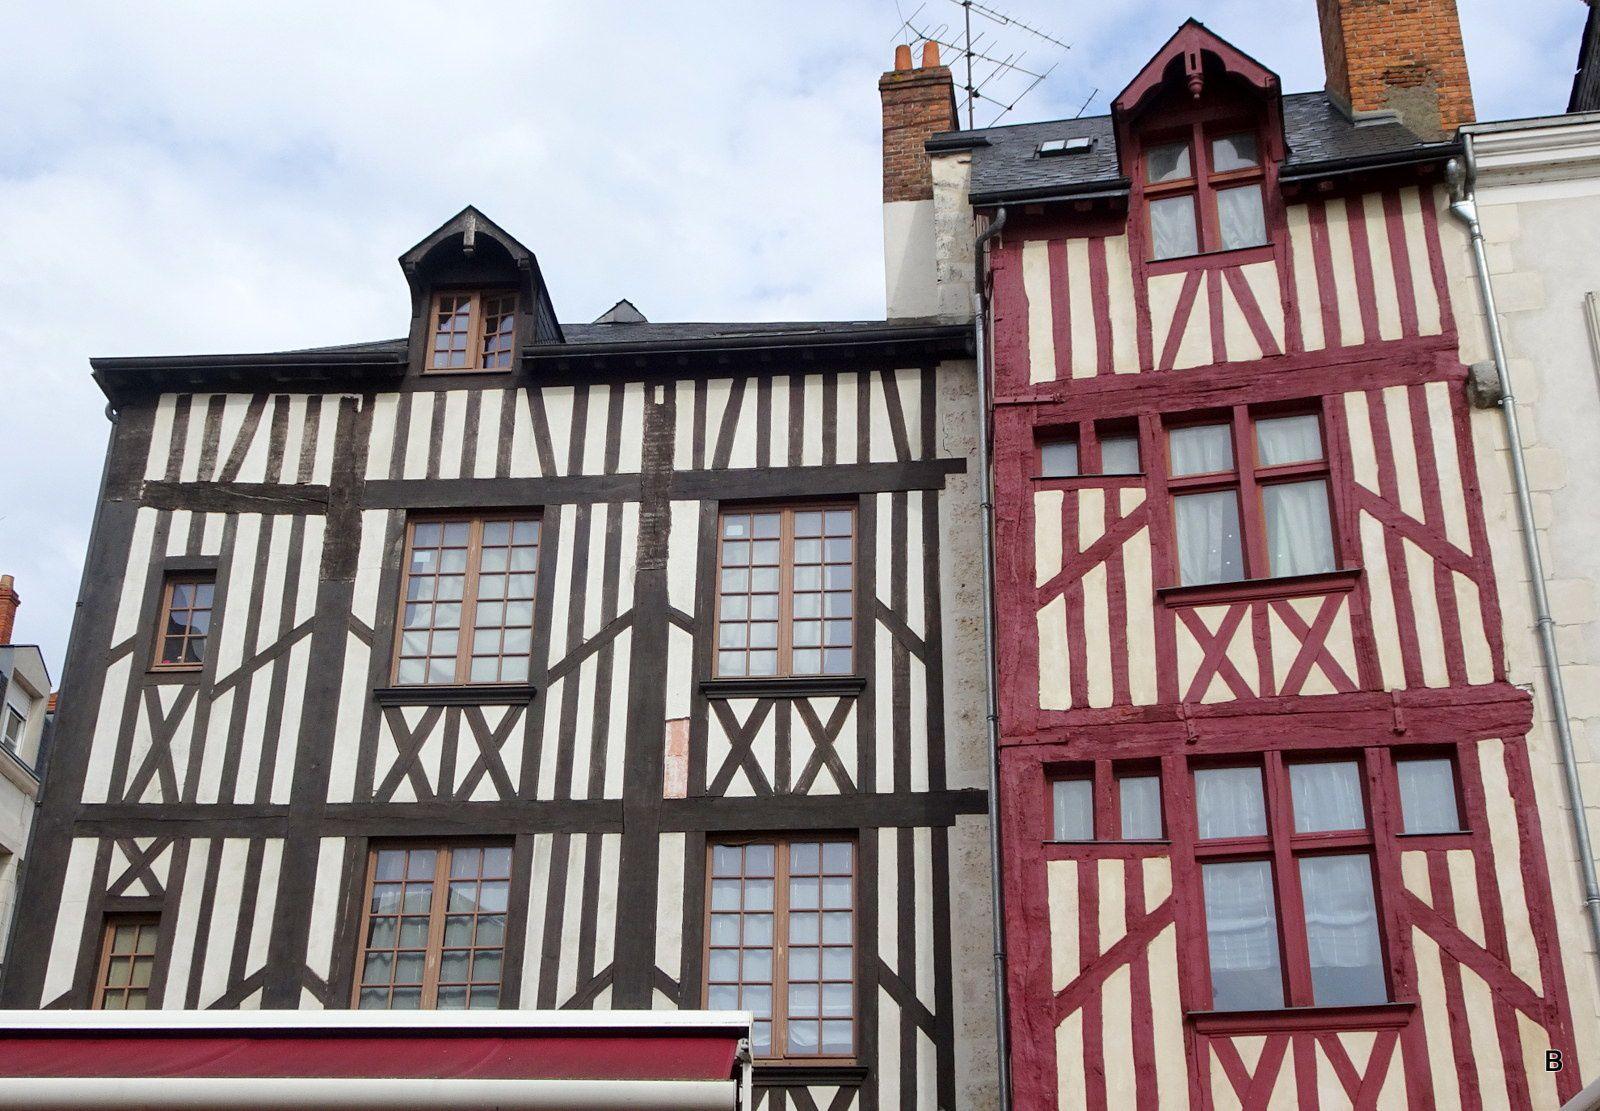 De belles maisons à pans de bois un peu partout, les rues pavées sont propres et bien entretenues.